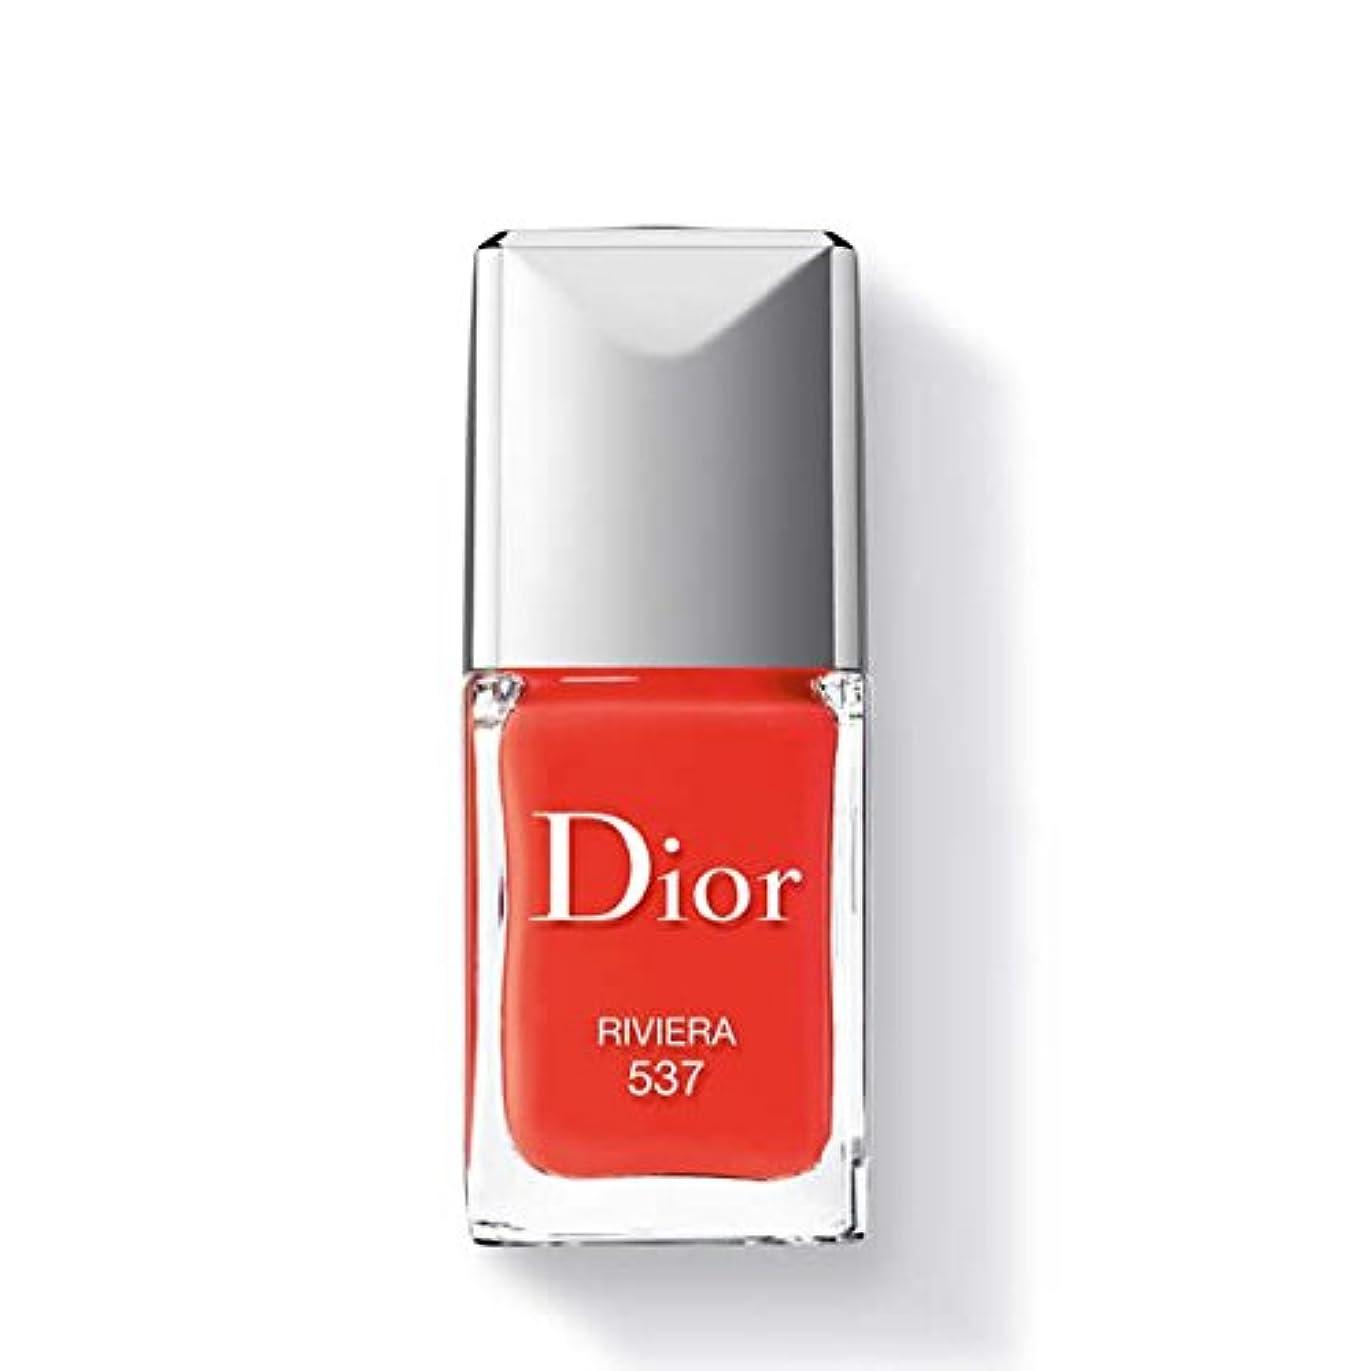 ファンドテクスチャー電池Dior ディオールヴェルニ #537 リヴィエラ 10ml [208031] [並行輸入品]